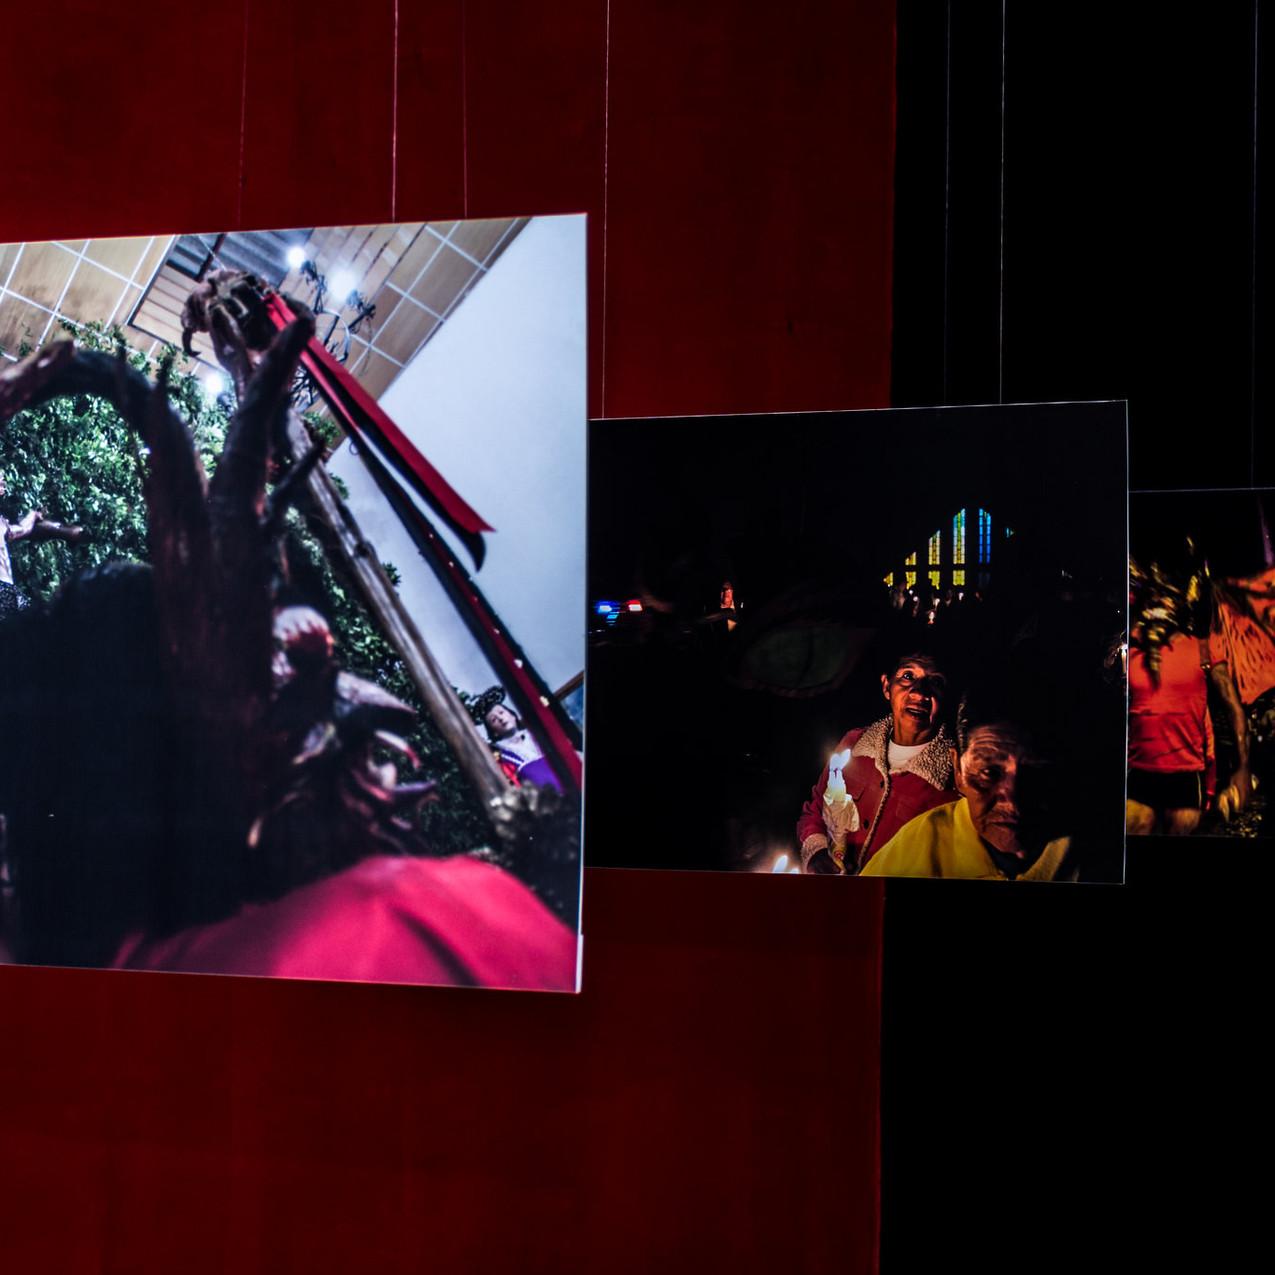 Fotos de la exposición